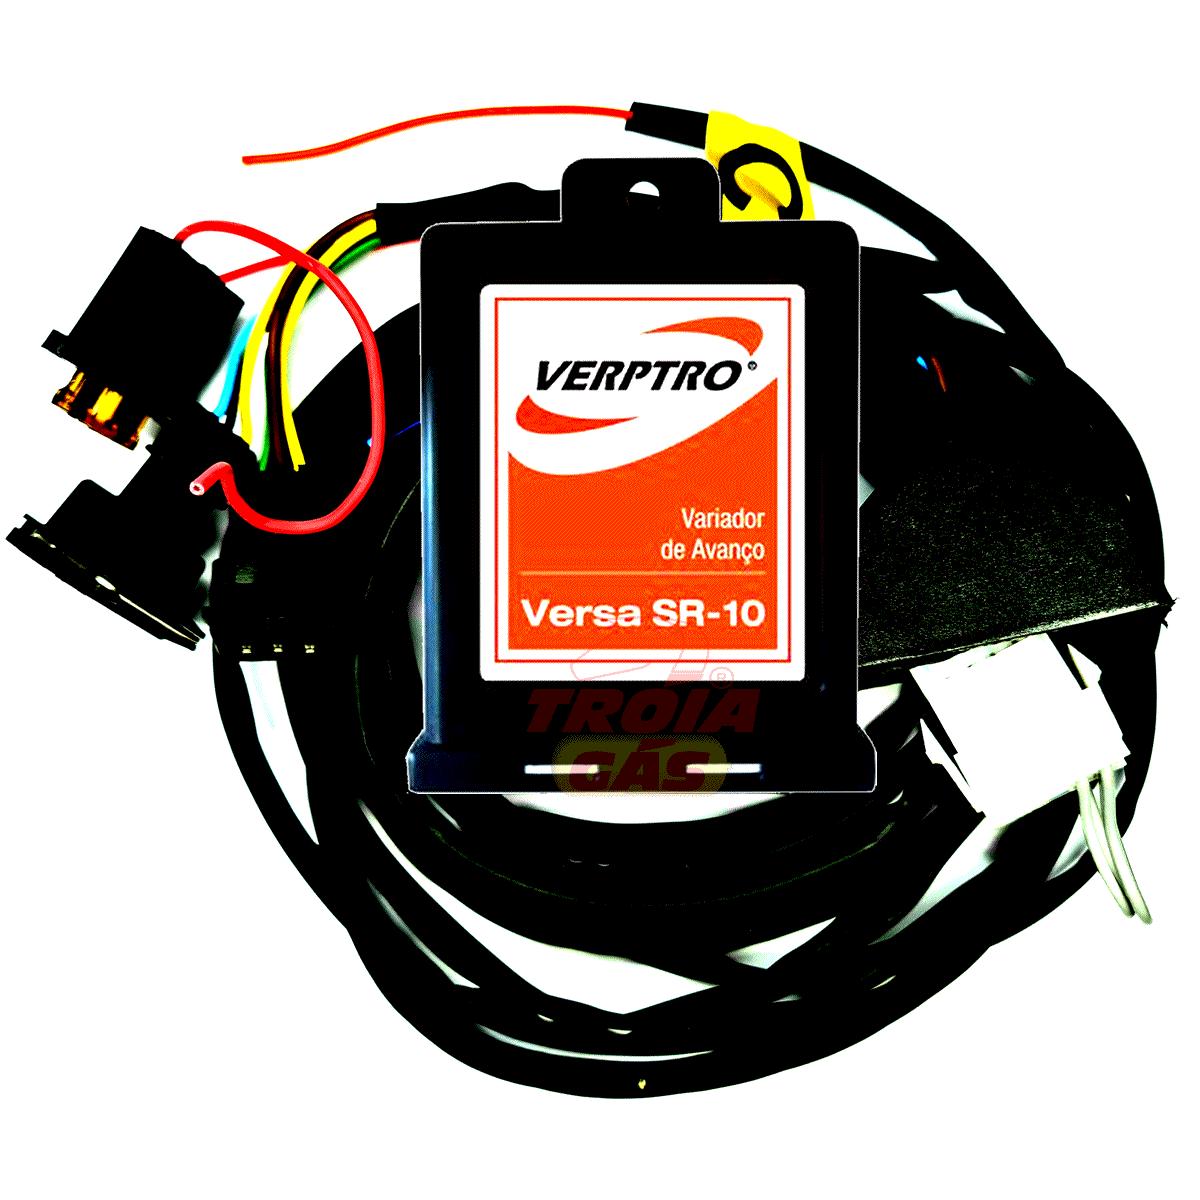 Kit Emulador de 4 Bicos Simulador Sonda Gasolina Variador Versim4 ESL62G SR10